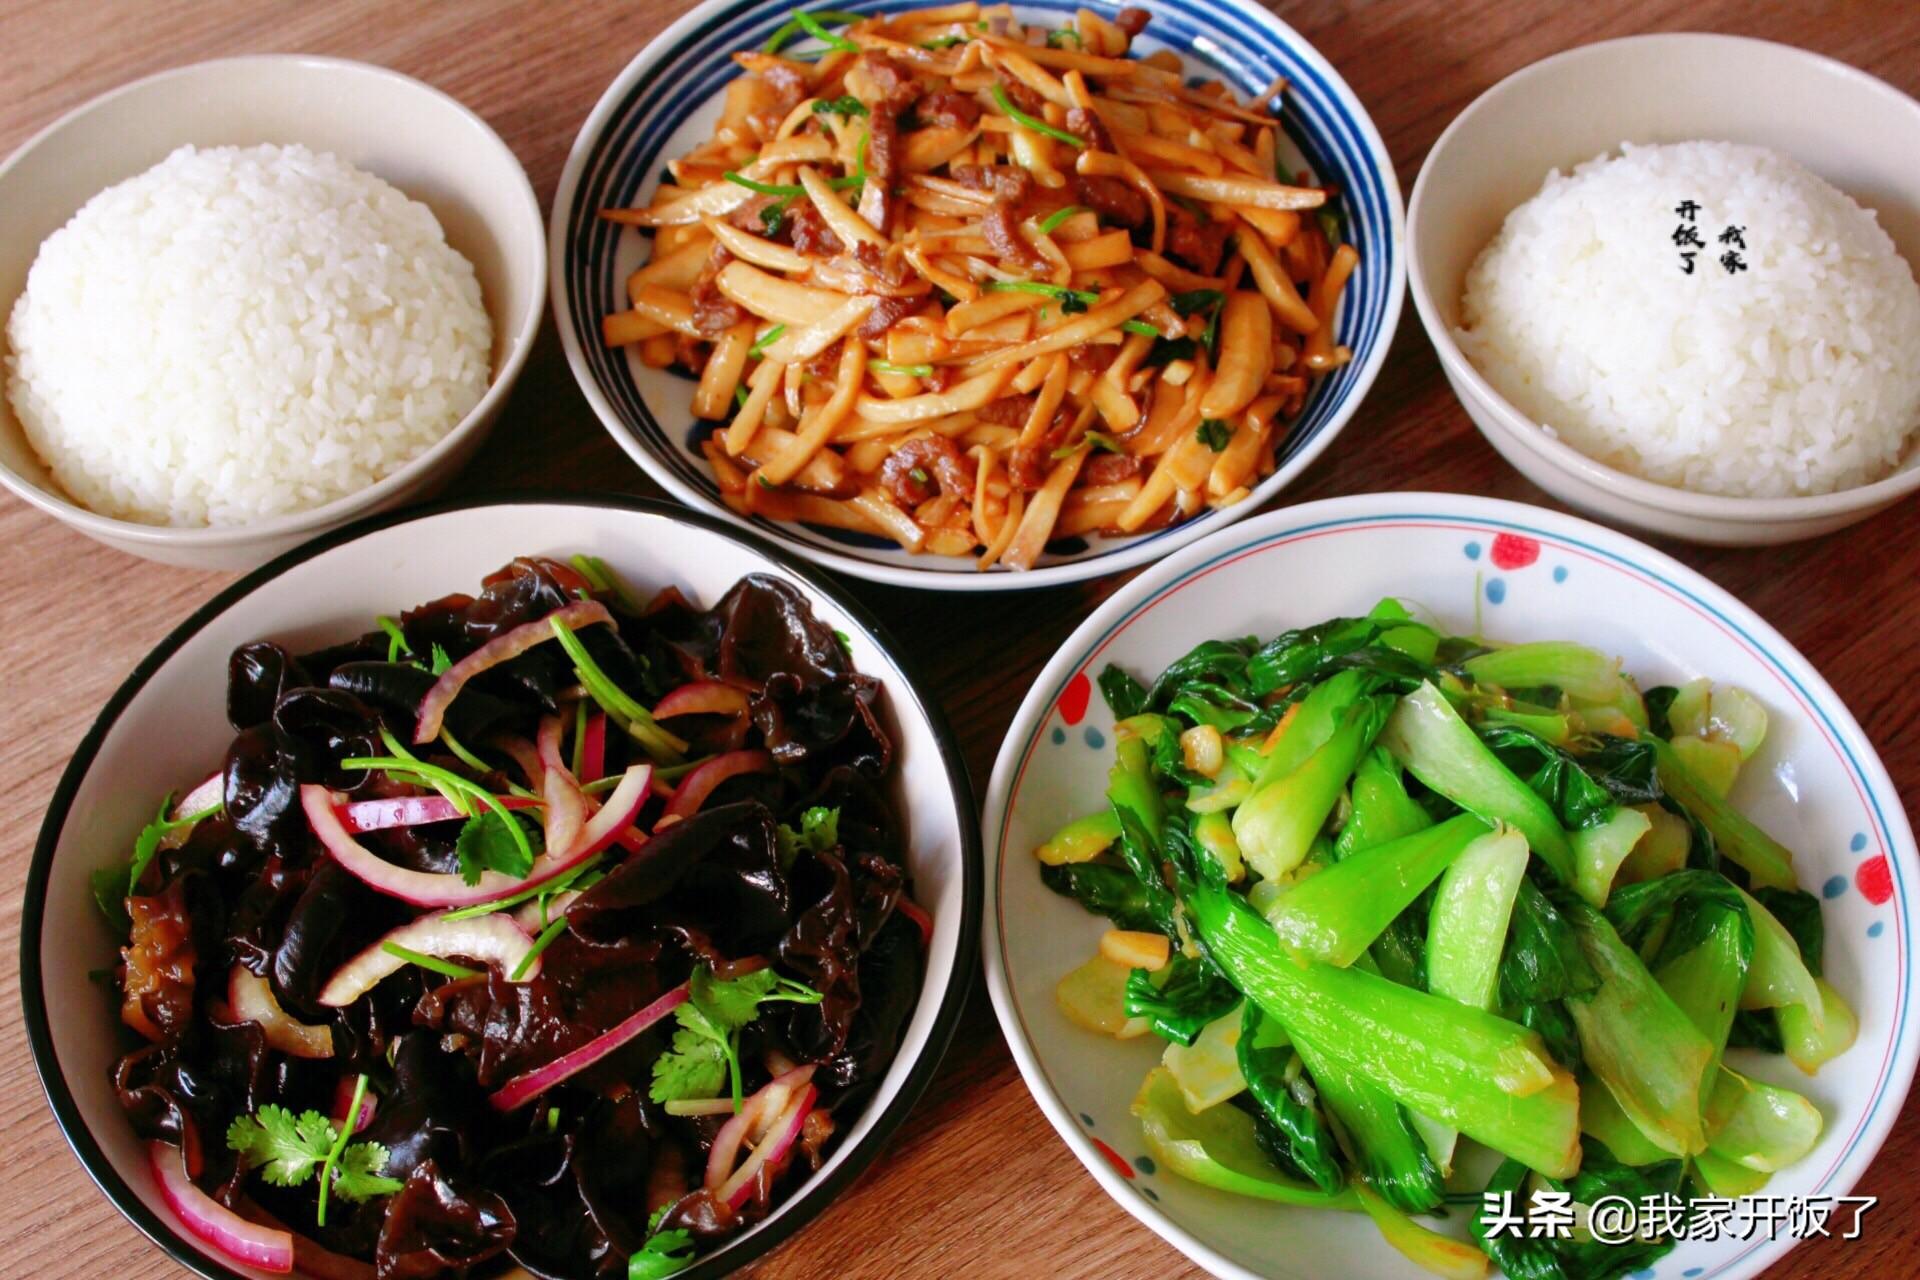 我家一周的午餐,没有大鱼大肉,每道菜都很合胃口,顿顿不重样 午餐 第3张